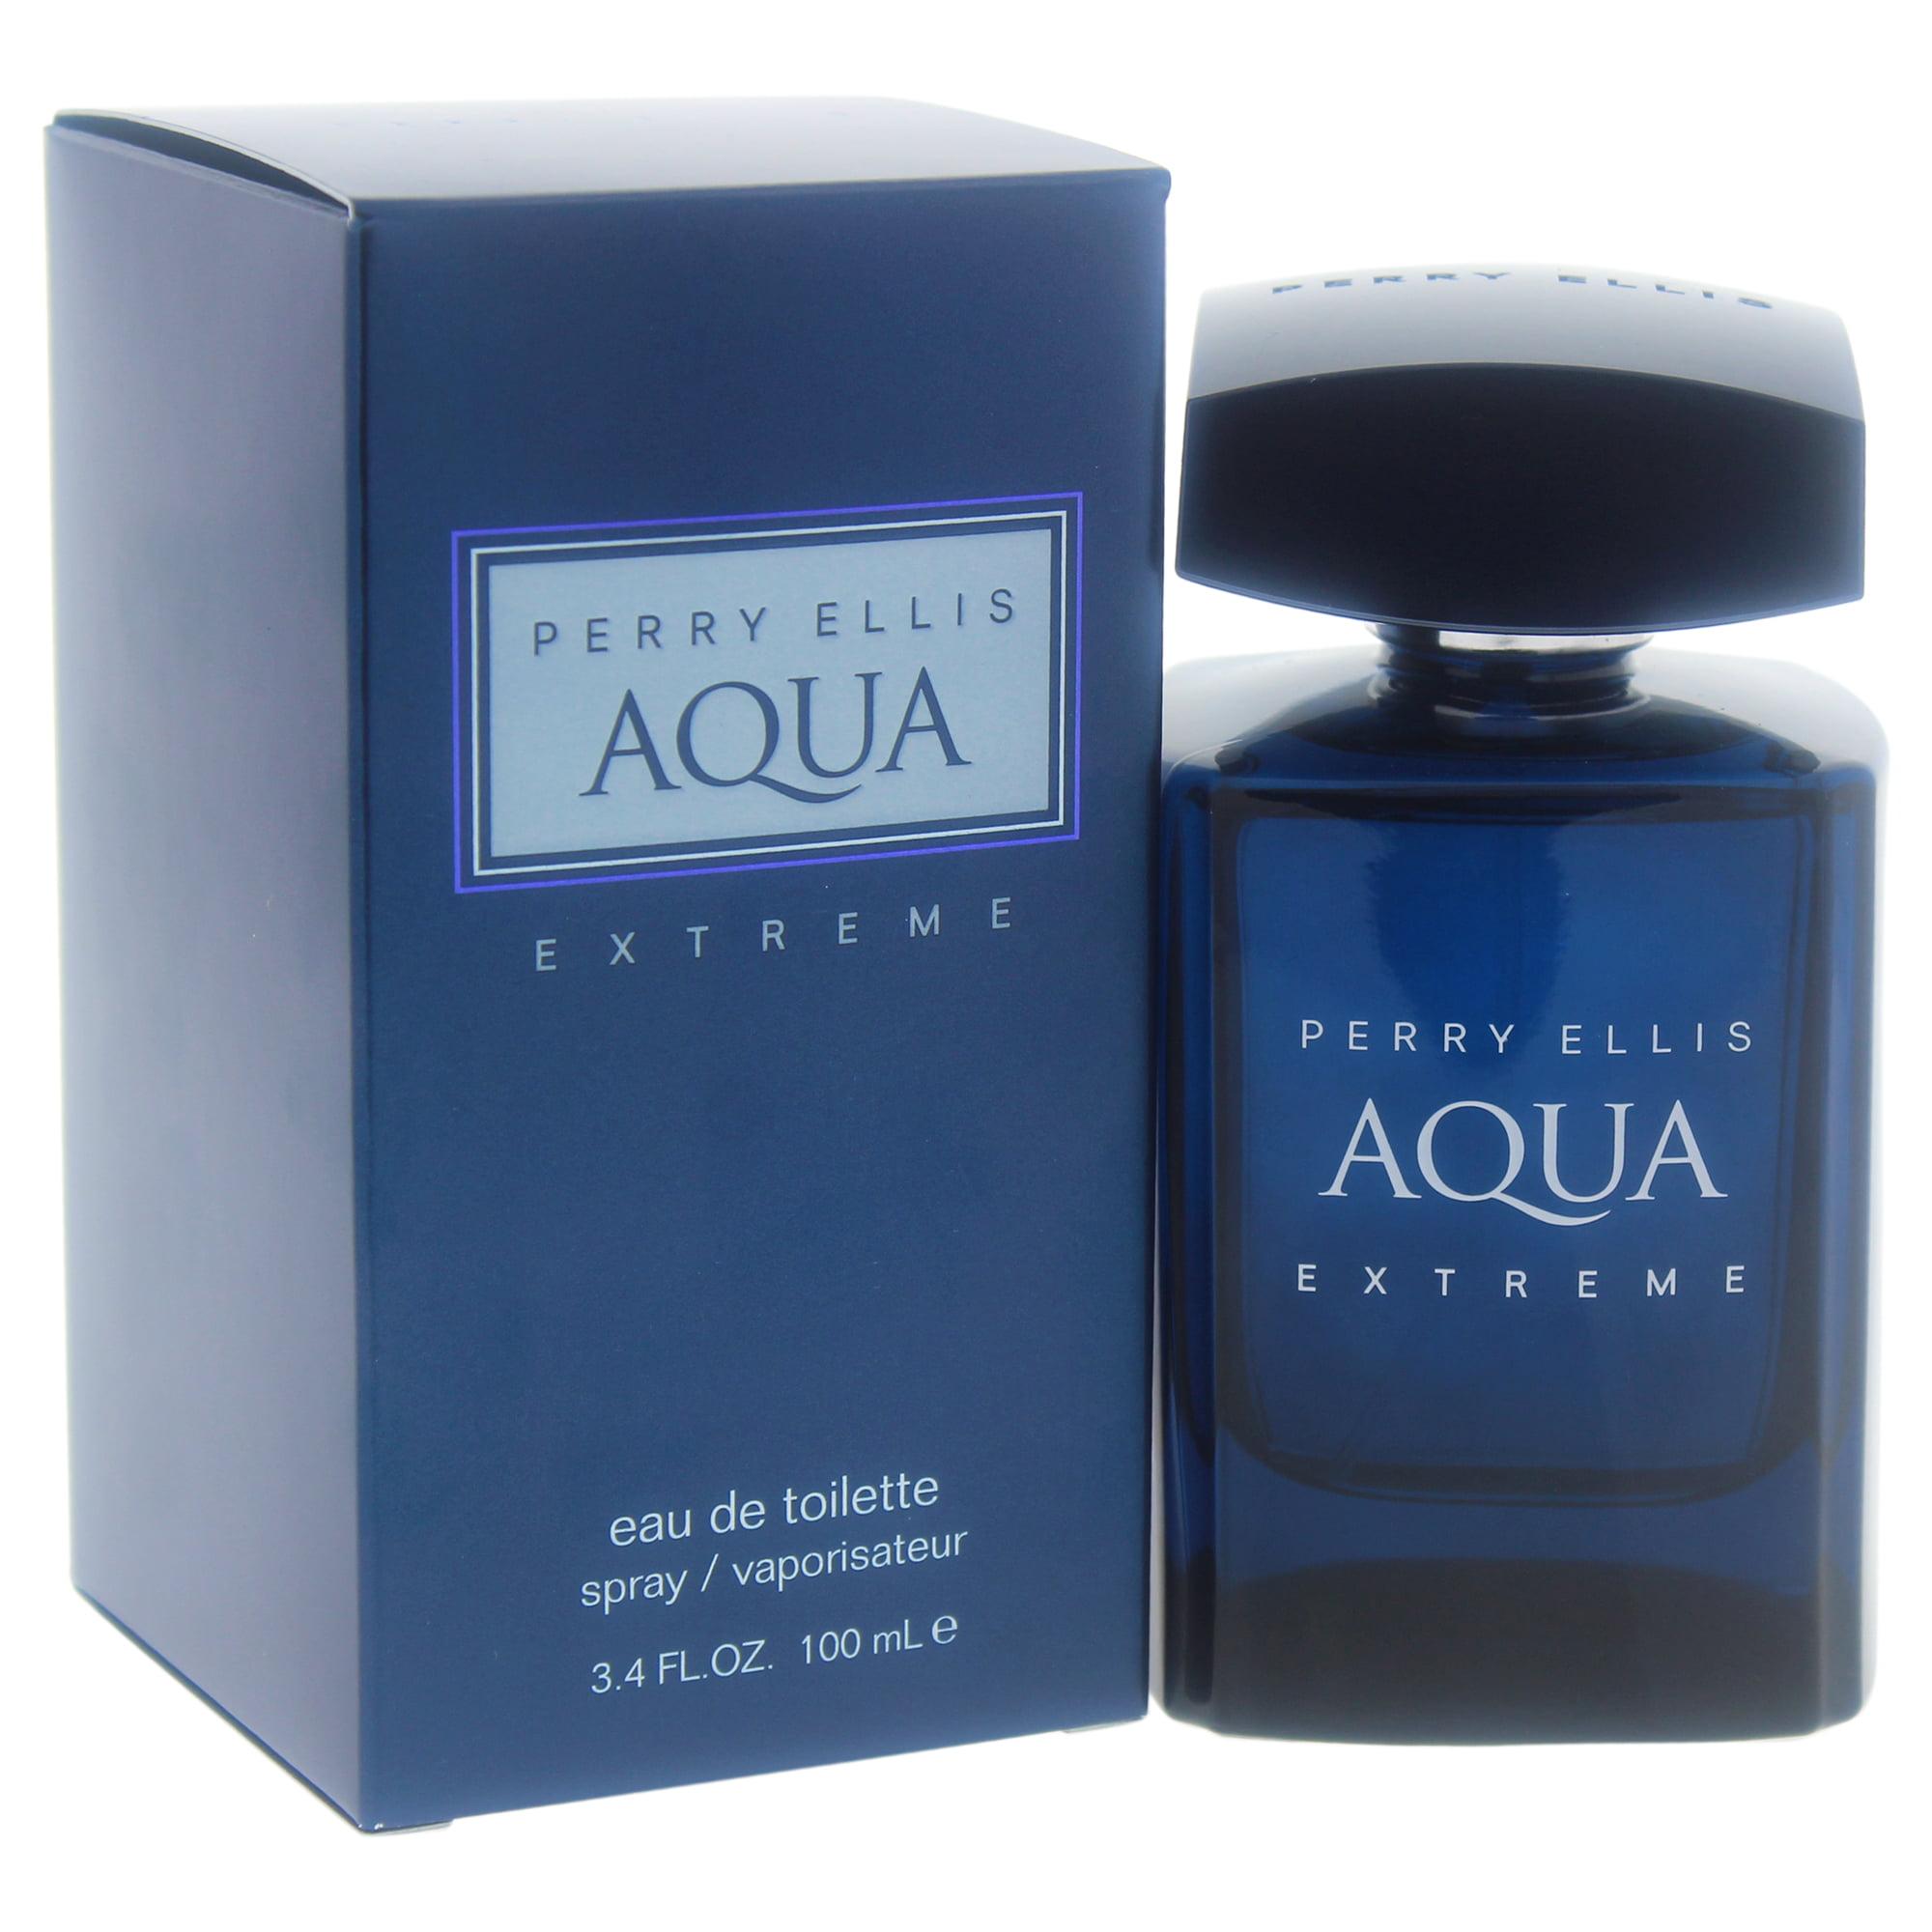 Perry Ellis Aqua Etreme by Perry Ellis for Men - 3.4 oz EDT Spray